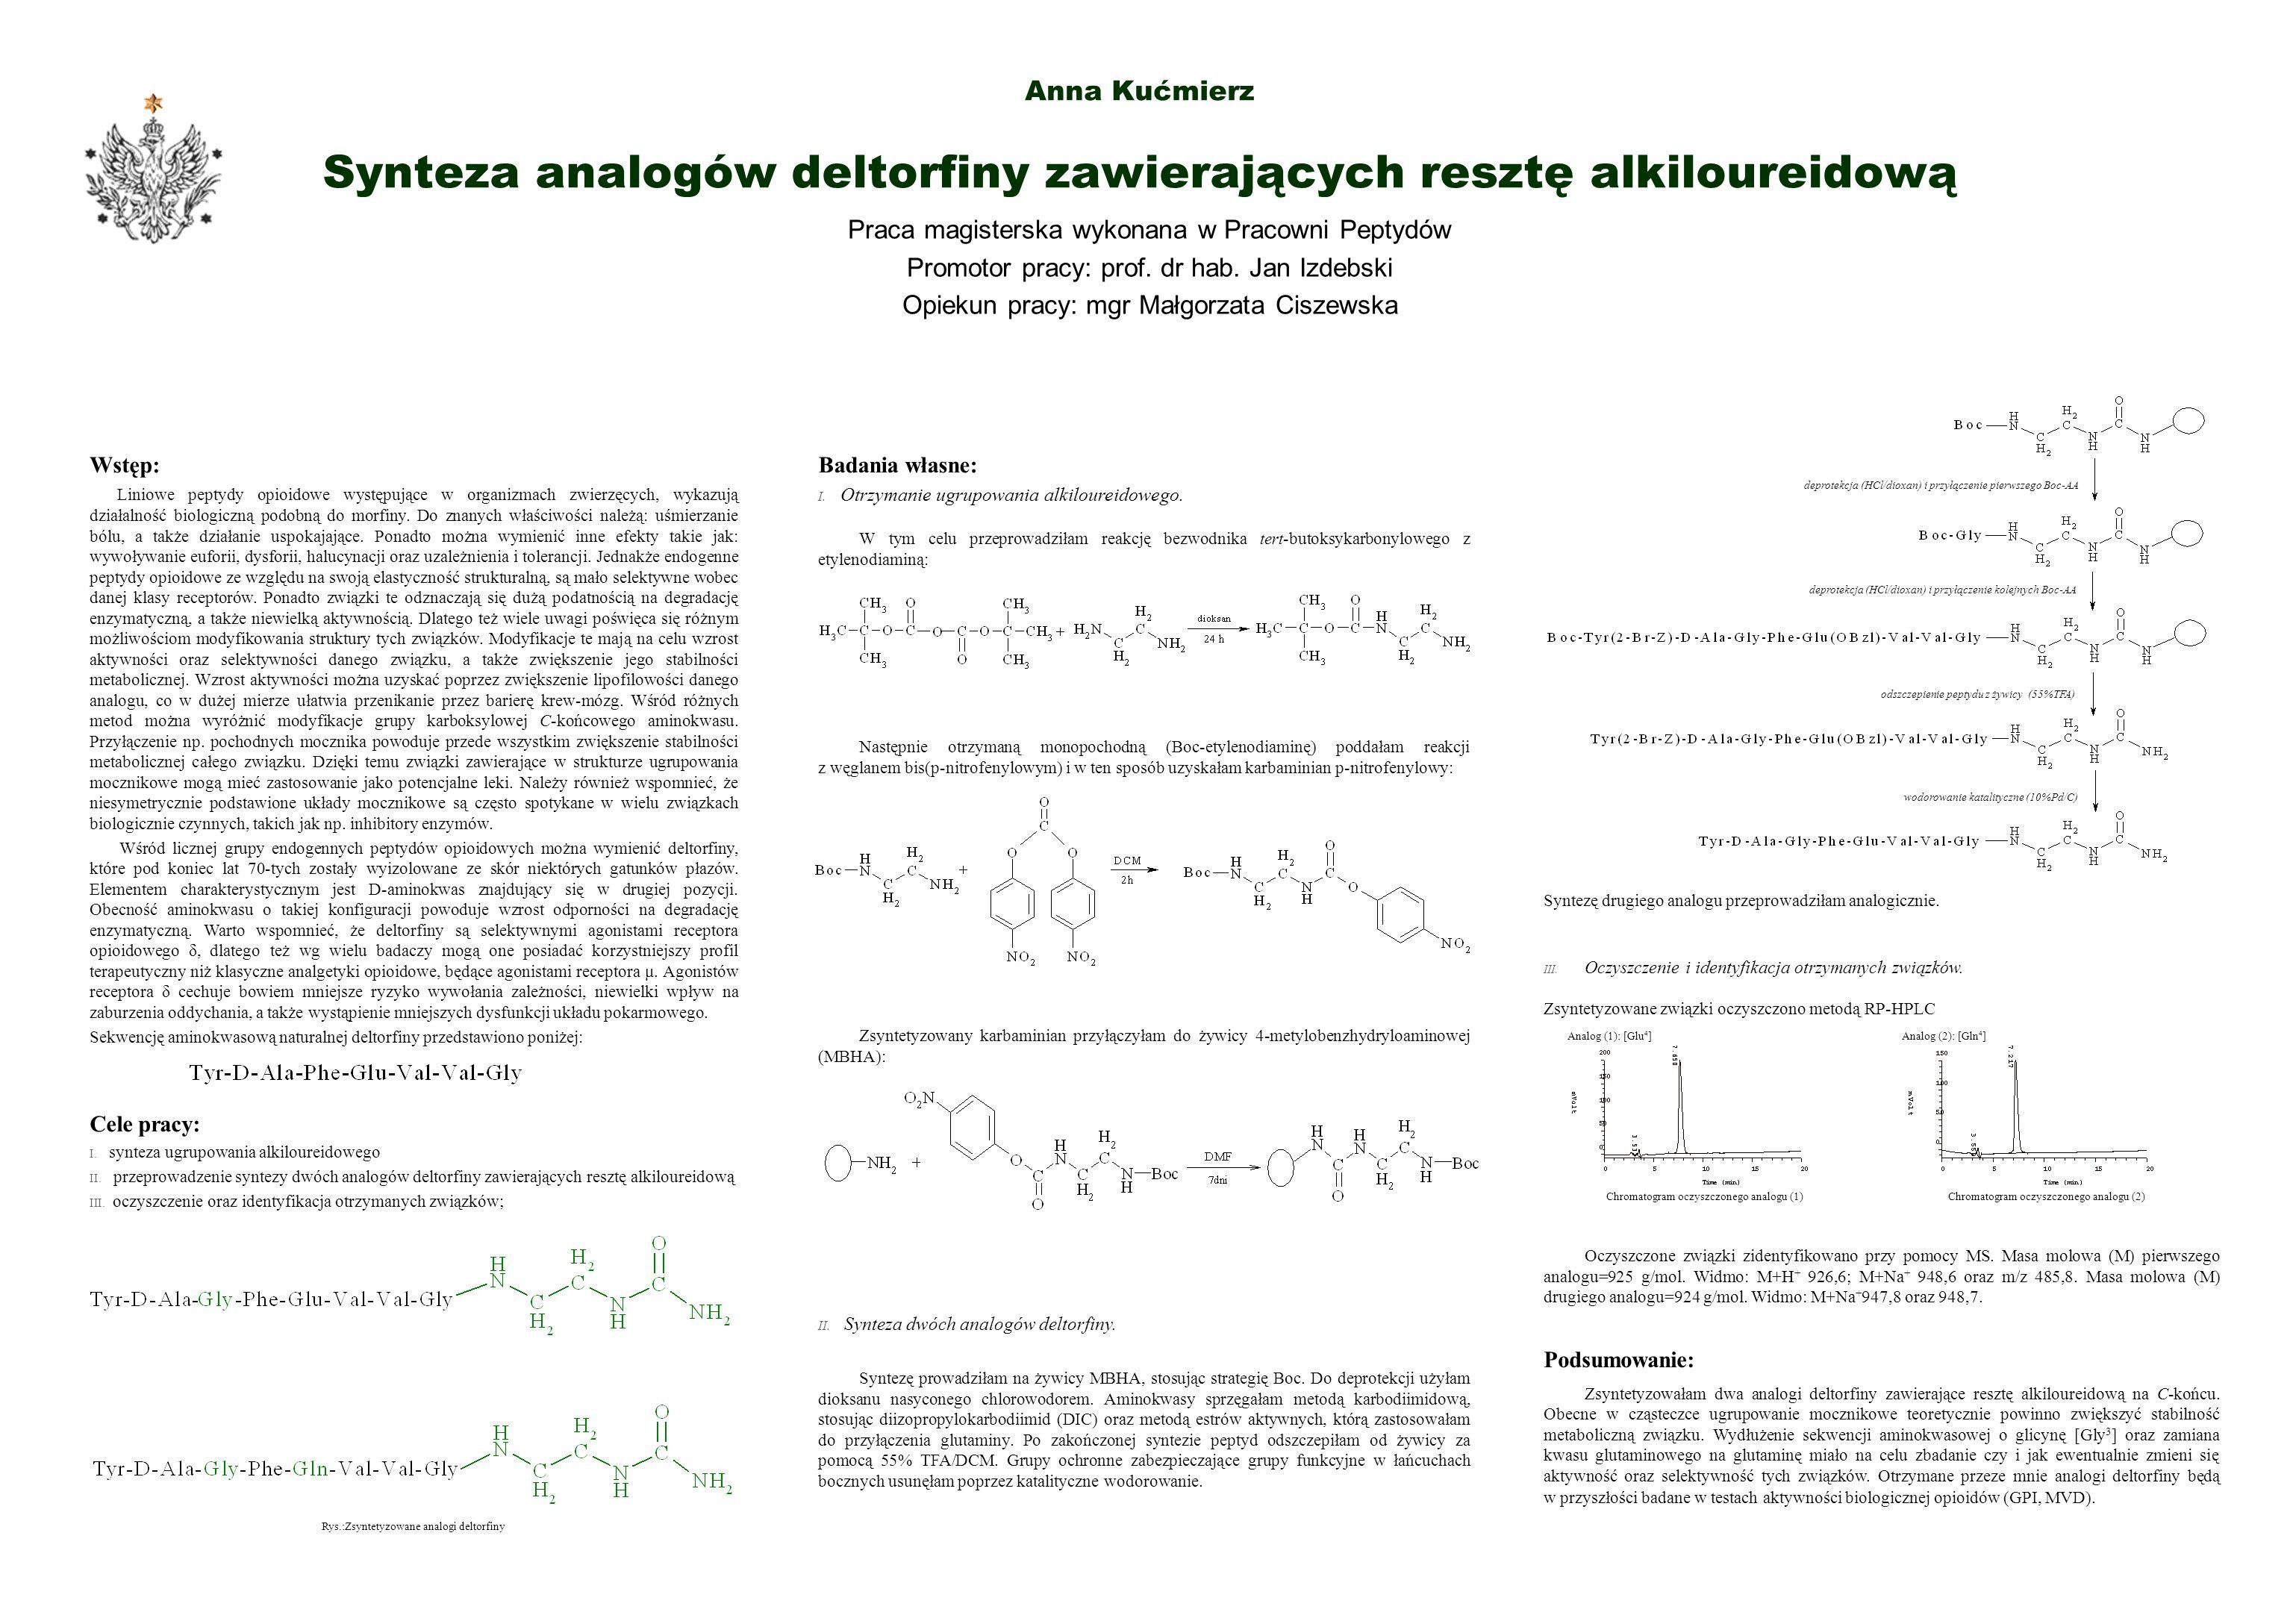 Anna Kućmierz Synteza analogów deltorfiny zawierających resztę alkiloureidową Praca magisterska wykonana w Pracowni Peptydów Promotor pracy: prof. dr